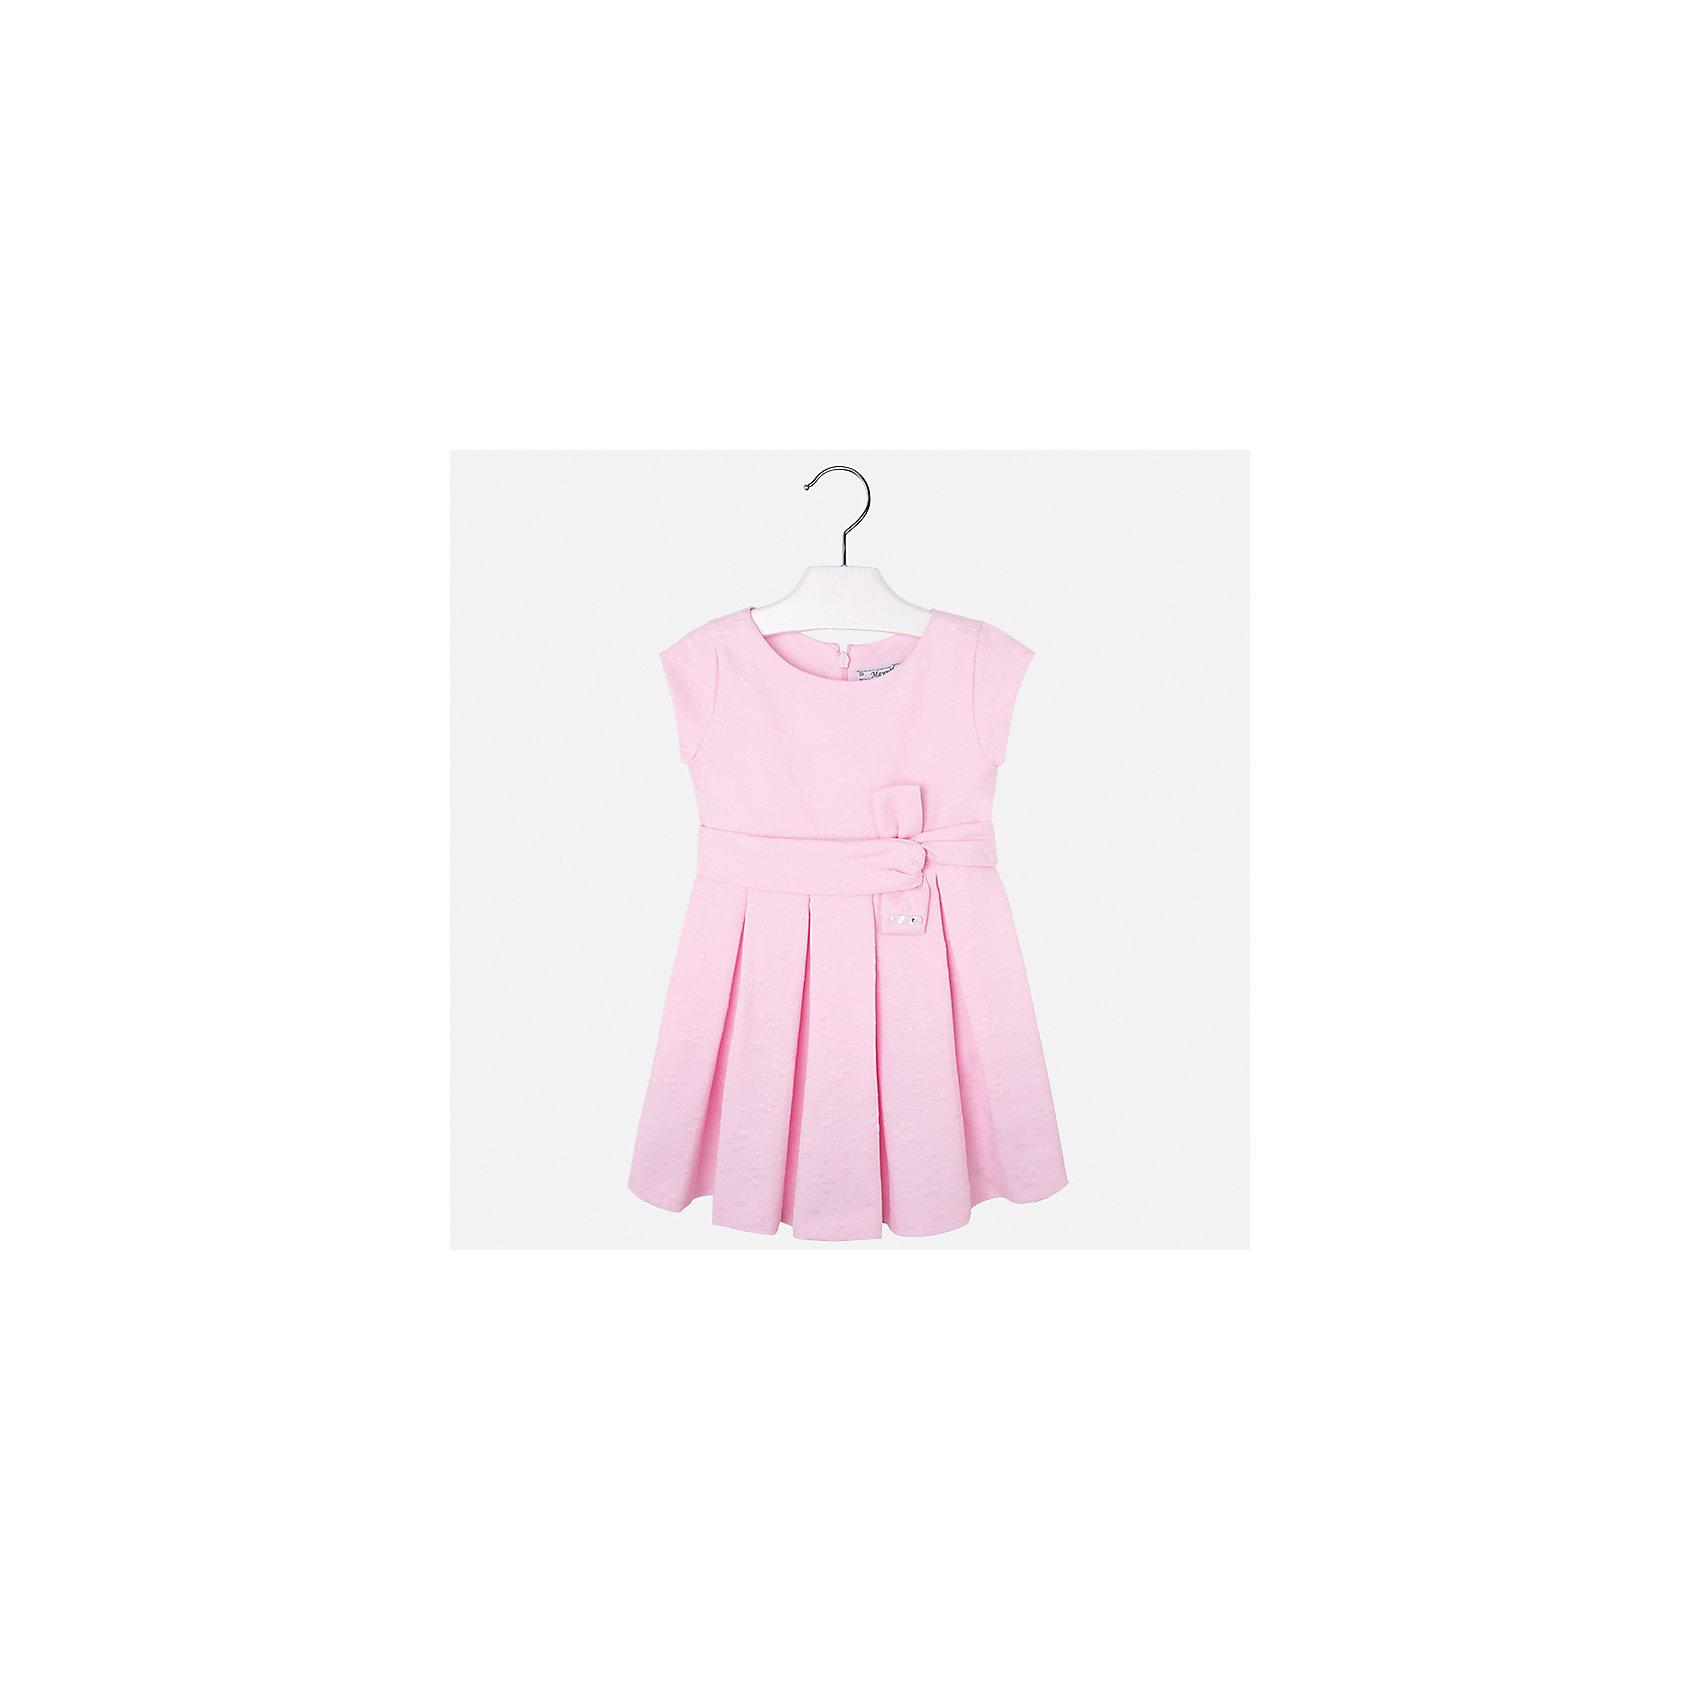 Платье для девочки MayoralОдежда<br>Характеристики товара:<br><br>• цвет: розовый<br>• состав: 38% полиэстер, 62% хлопок, подкладка - 65% полиэстер, 35% хлопок<br>• застежка: молния<br>• складки<br>• украшено бантом на поясе<br>• без рукавов<br>• с подкладкой<br>• страна бренда: Испания<br><br>Красивое легкое платье для девочки поможет разнообразить гардероб ребенка и создать эффектный наряд. Оно подойдет и для торжественных случаев, может быть и как ежедневный наряд. Красивый оттенок позволяет подобрать к вещи обувь разных расцветок. В составе материала - натуральный хлопок, гипоаллергенный, приятный на ощупь, дышащий. Платье хорошо сидит по фигуре.<br><br>Одежда, обувь и аксессуары от испанского бренда Mayoral полюбились детям и взрослым по всему миру. Модели этой марки - стильные и удобные. Для их производства используются только безопасные, качественные материалы и фурнитура. Порадуйте ребенка модными и красивыми вещами от Mayoral! <br><br>Платье для девочки от испанского бренда Mayoral (Майорал) можно купить в нашем интернет-магазине.<br><br>Ширина мм: 236<br>Глубина мм: 16<br>Высота мм: 184<br>Вес г: 177<br>Цвет: фиолетовый<br>Возраст от месяцев: 96<br>Возраст до месяцев: 108<br>Пол: Женский<br>Возраст: Детский<br>Размер: 134,92,98,104,110,116,122,128<br>SKU: 5290982